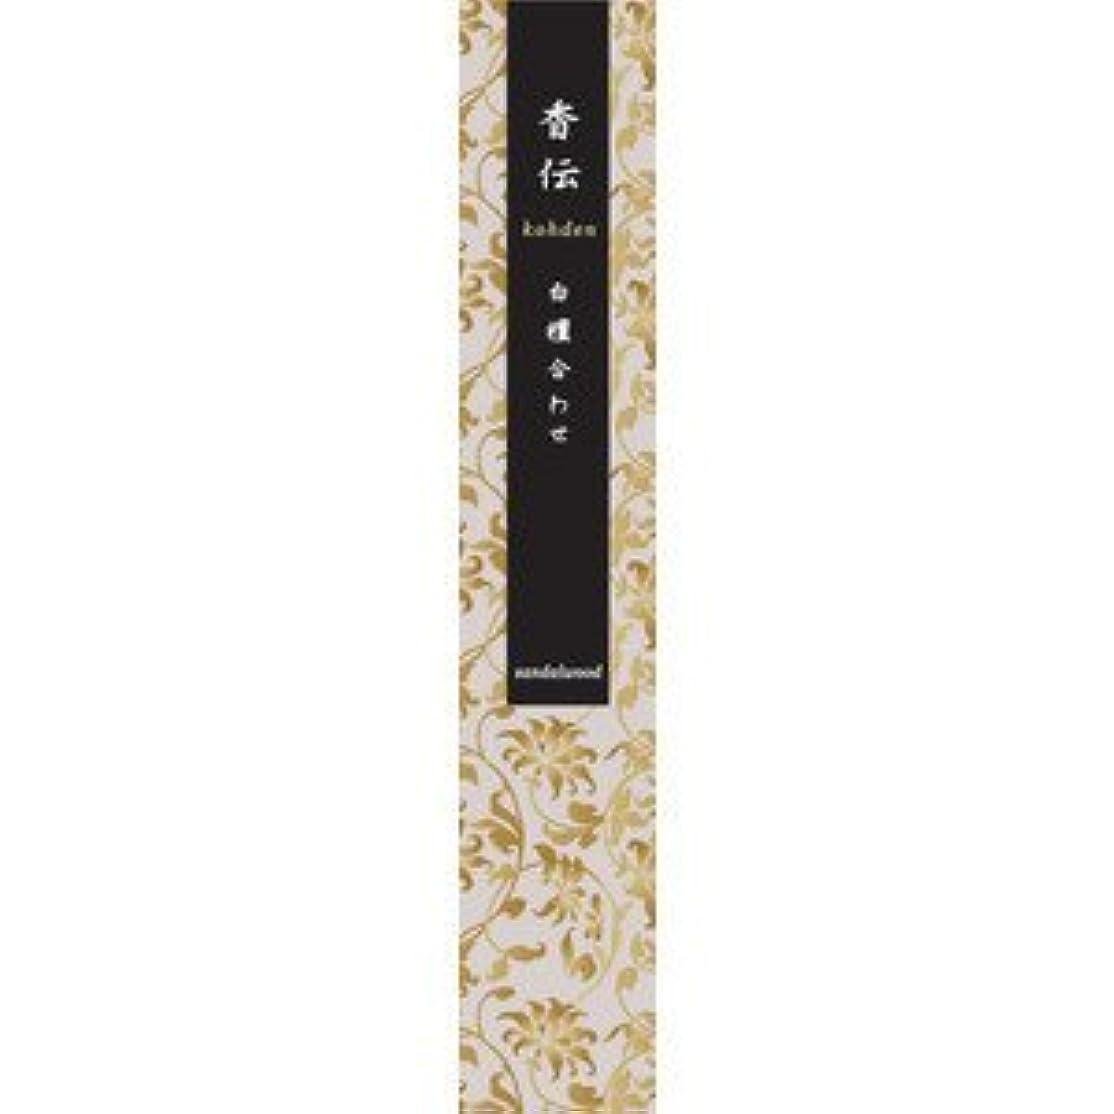 テクスチャー形容詞課税日本香堂 香伝 白檀合わせ